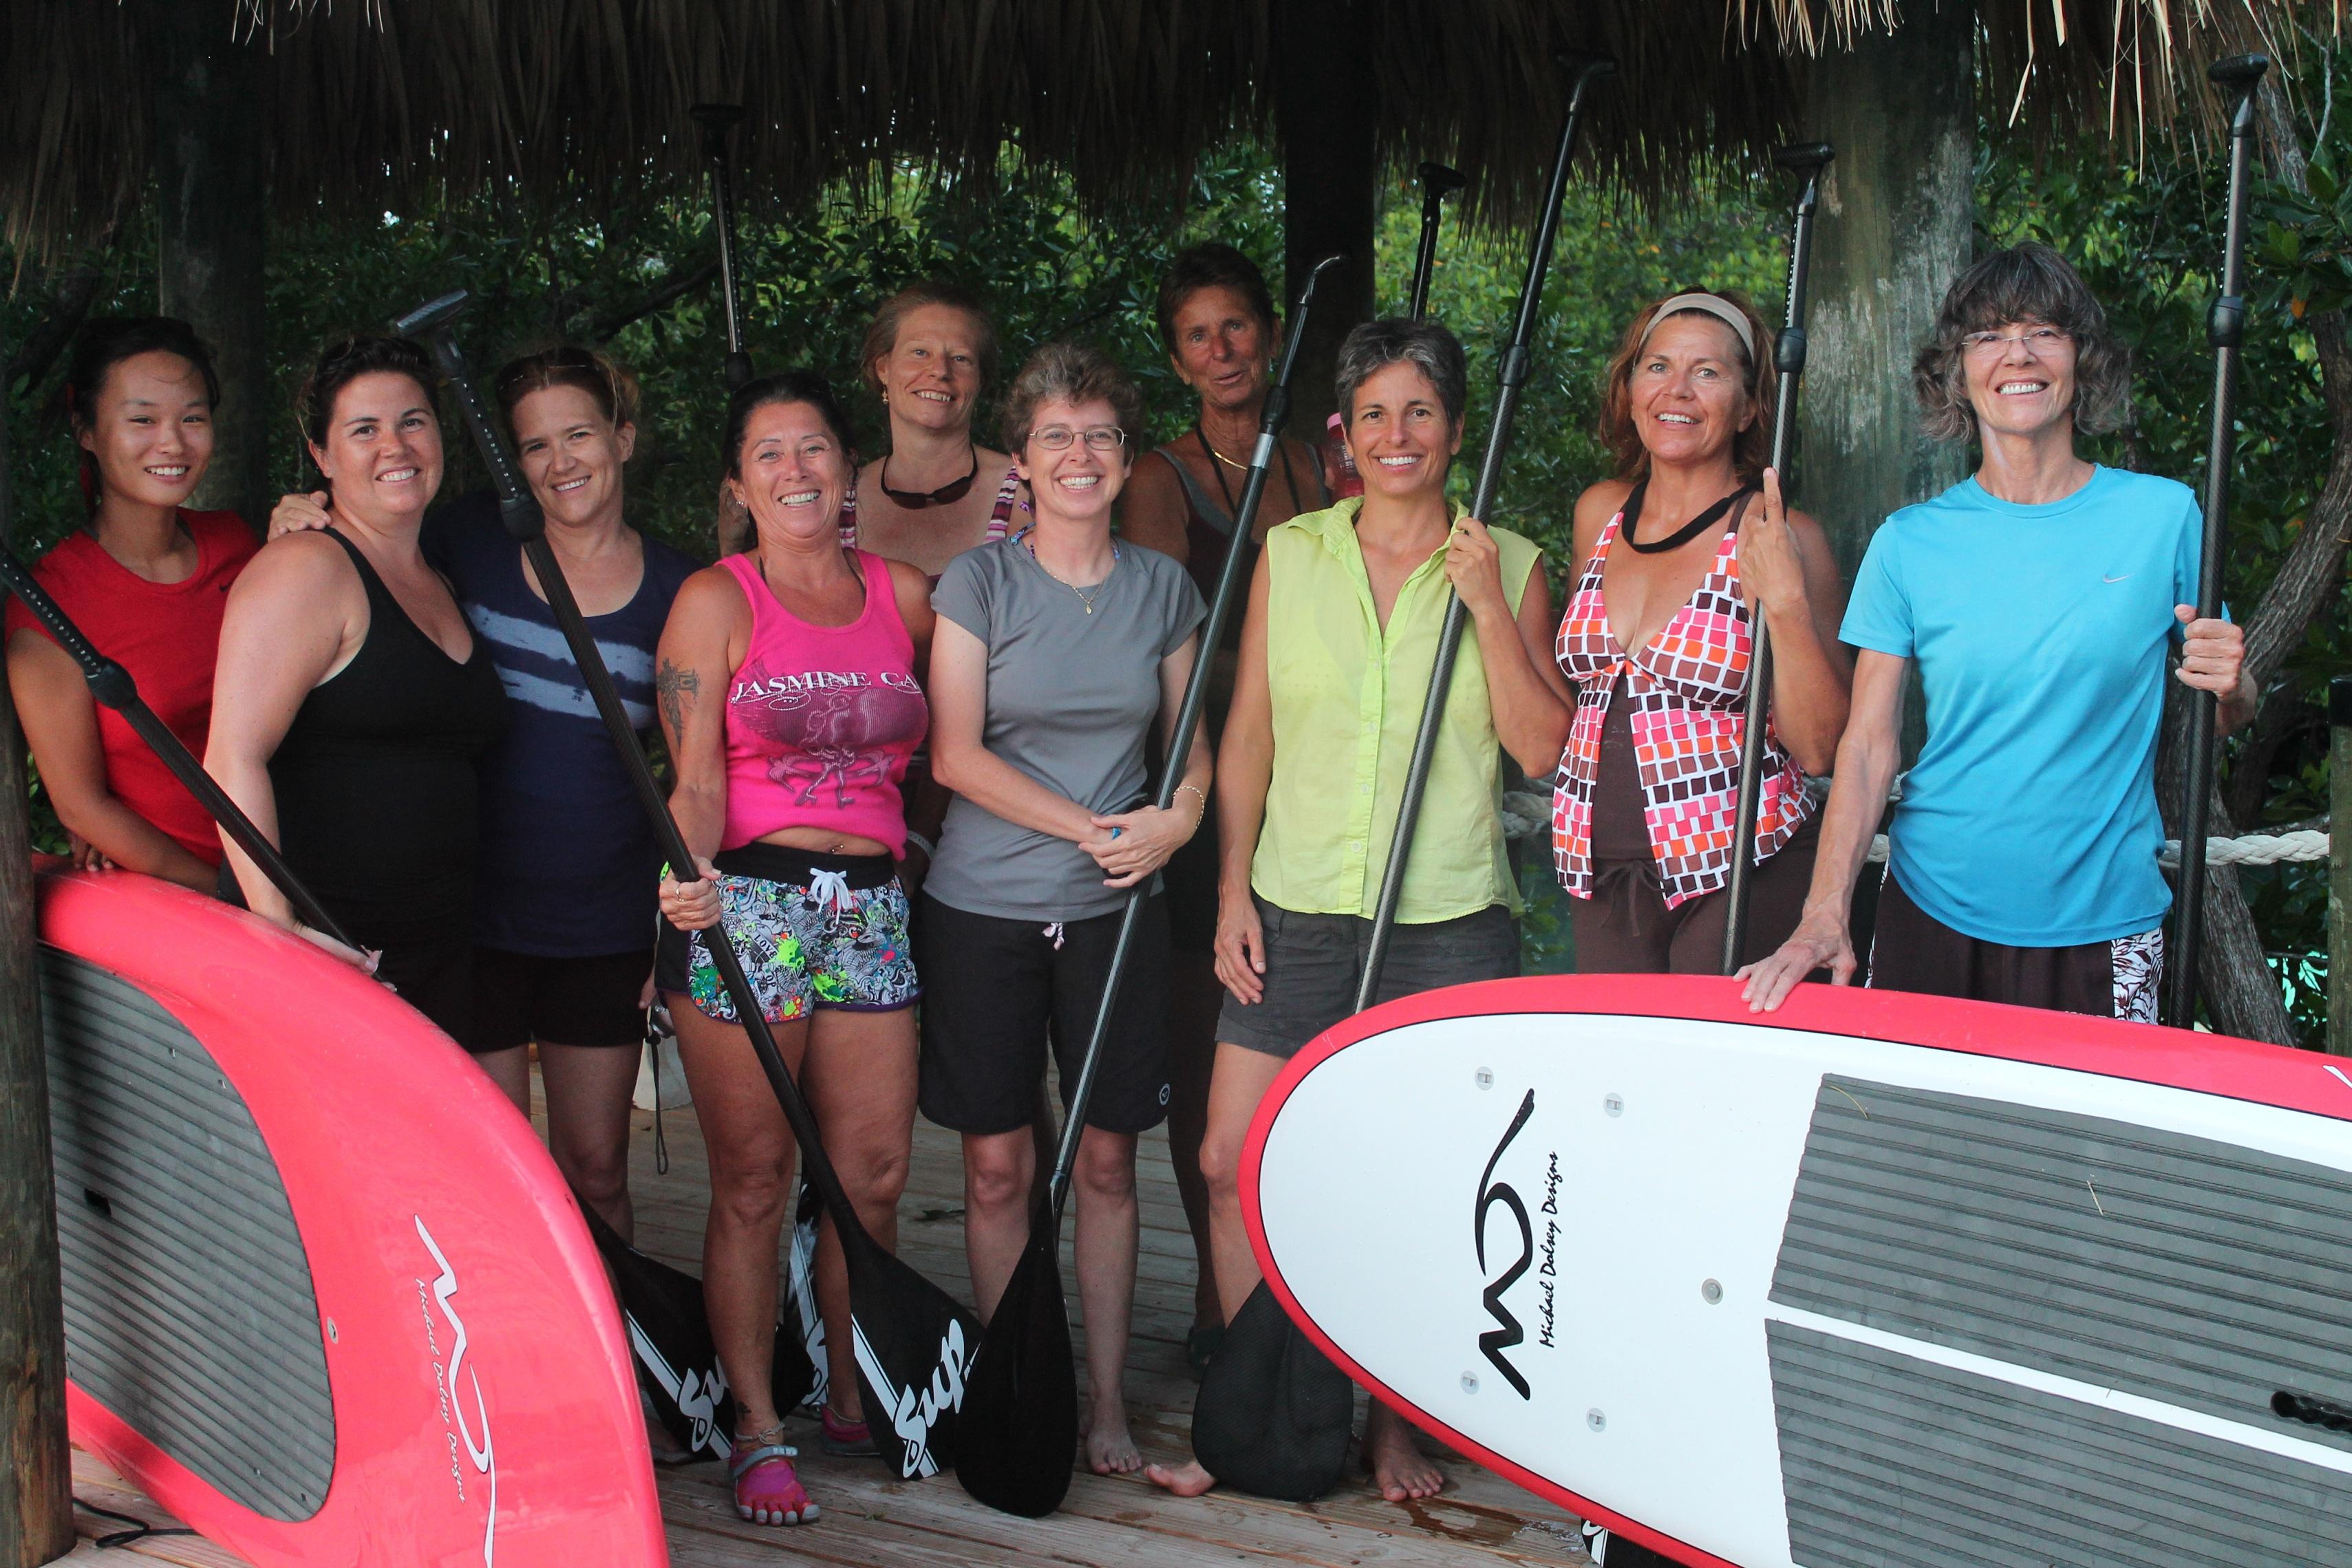 The SUP Yoga Crew